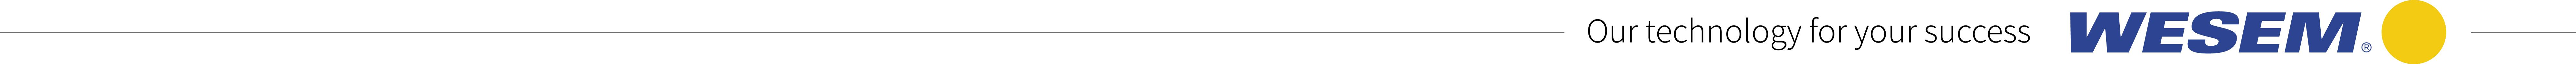 CNC-Aluminiumlegierung Windschutzscheiben-Einsteller-Halterungssatz Passend f/ür CB500X 2013-2016 KIMISS Windschutzscheiben-Einsteller f/ür Motorr/äder